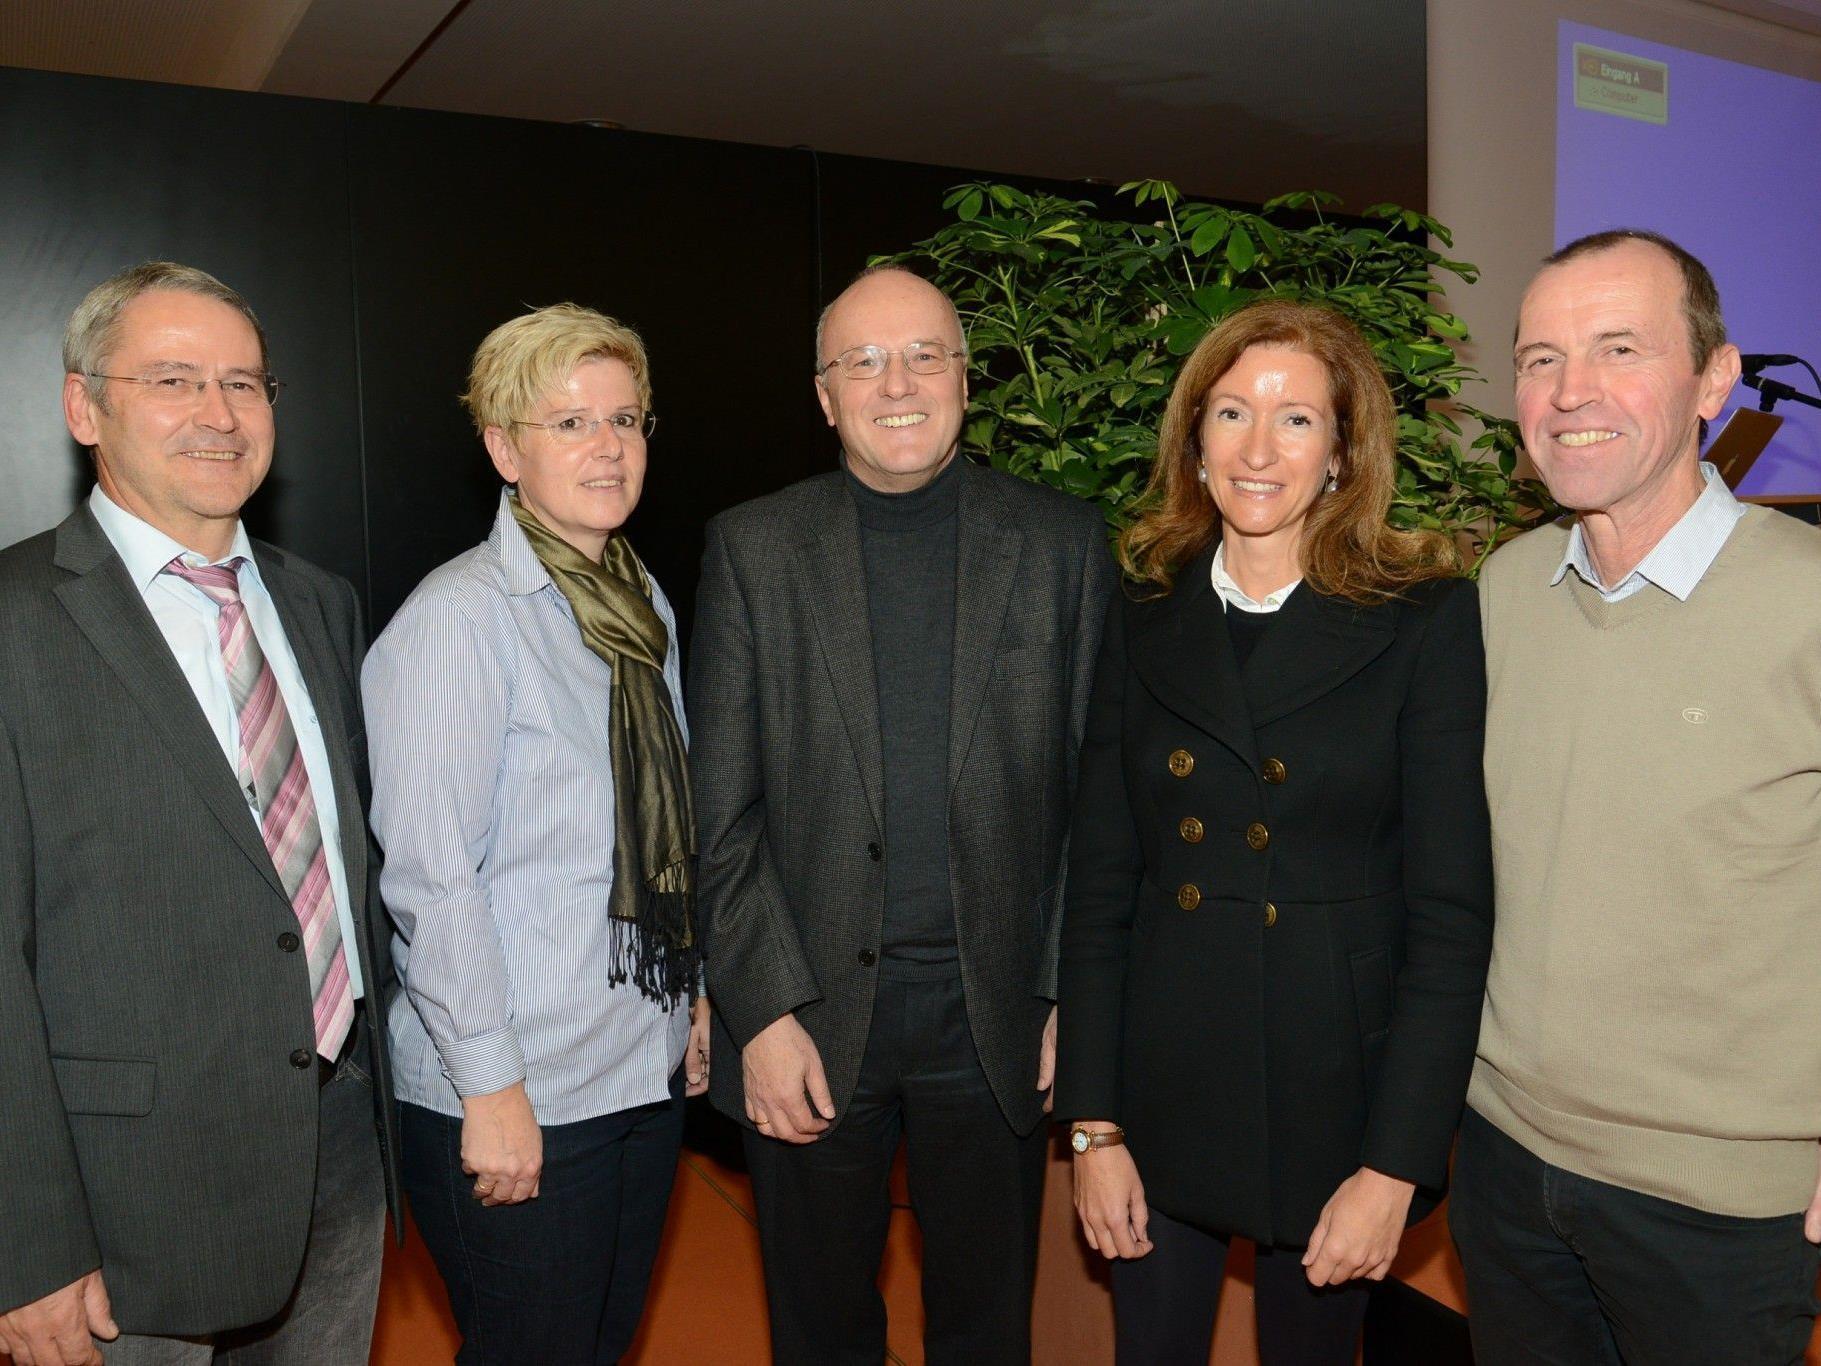 Dir-Stv. Mag. Peter Hutter, Dr. Kriemhild Büchel-Kapeller, Univ.-Prof. Dr. Reinhard Haller, Dr. Nadja Rhomberg, Dir. Mag. Thomas Mittelberger.